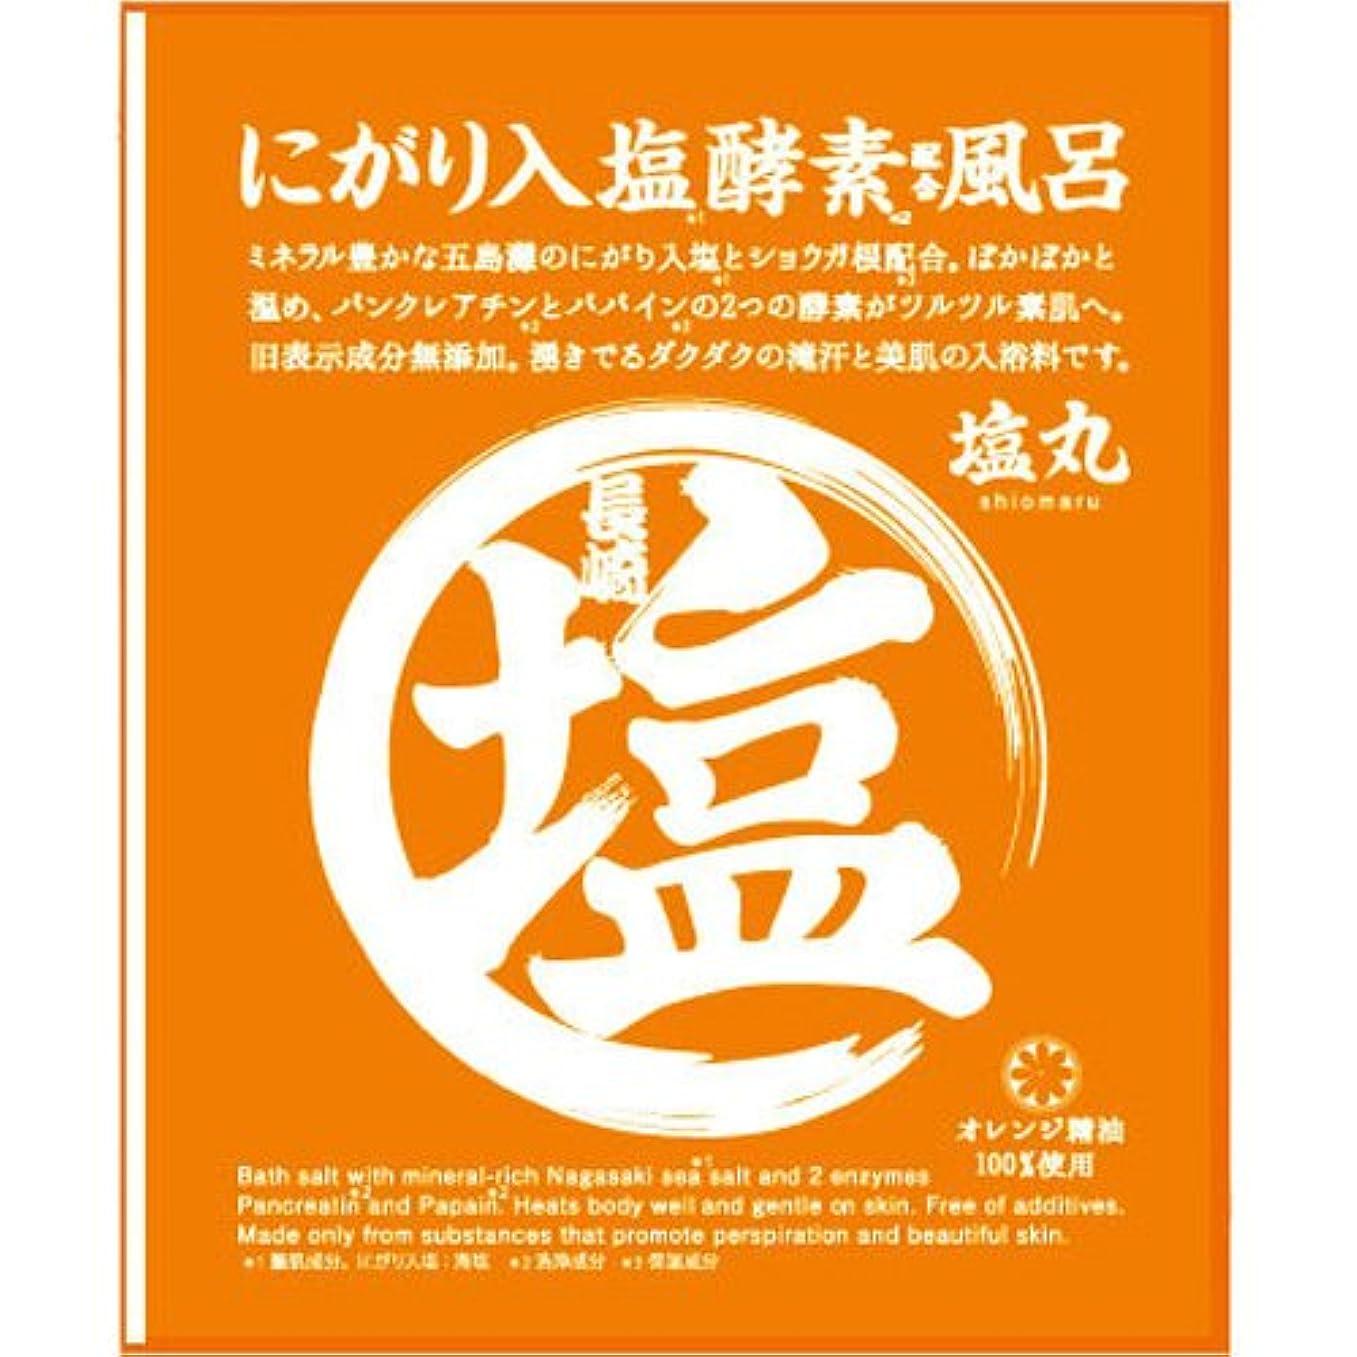 ロードハウスバンケットにがり入塩と酵素の入浴料 塩丸 オレンジ 40g